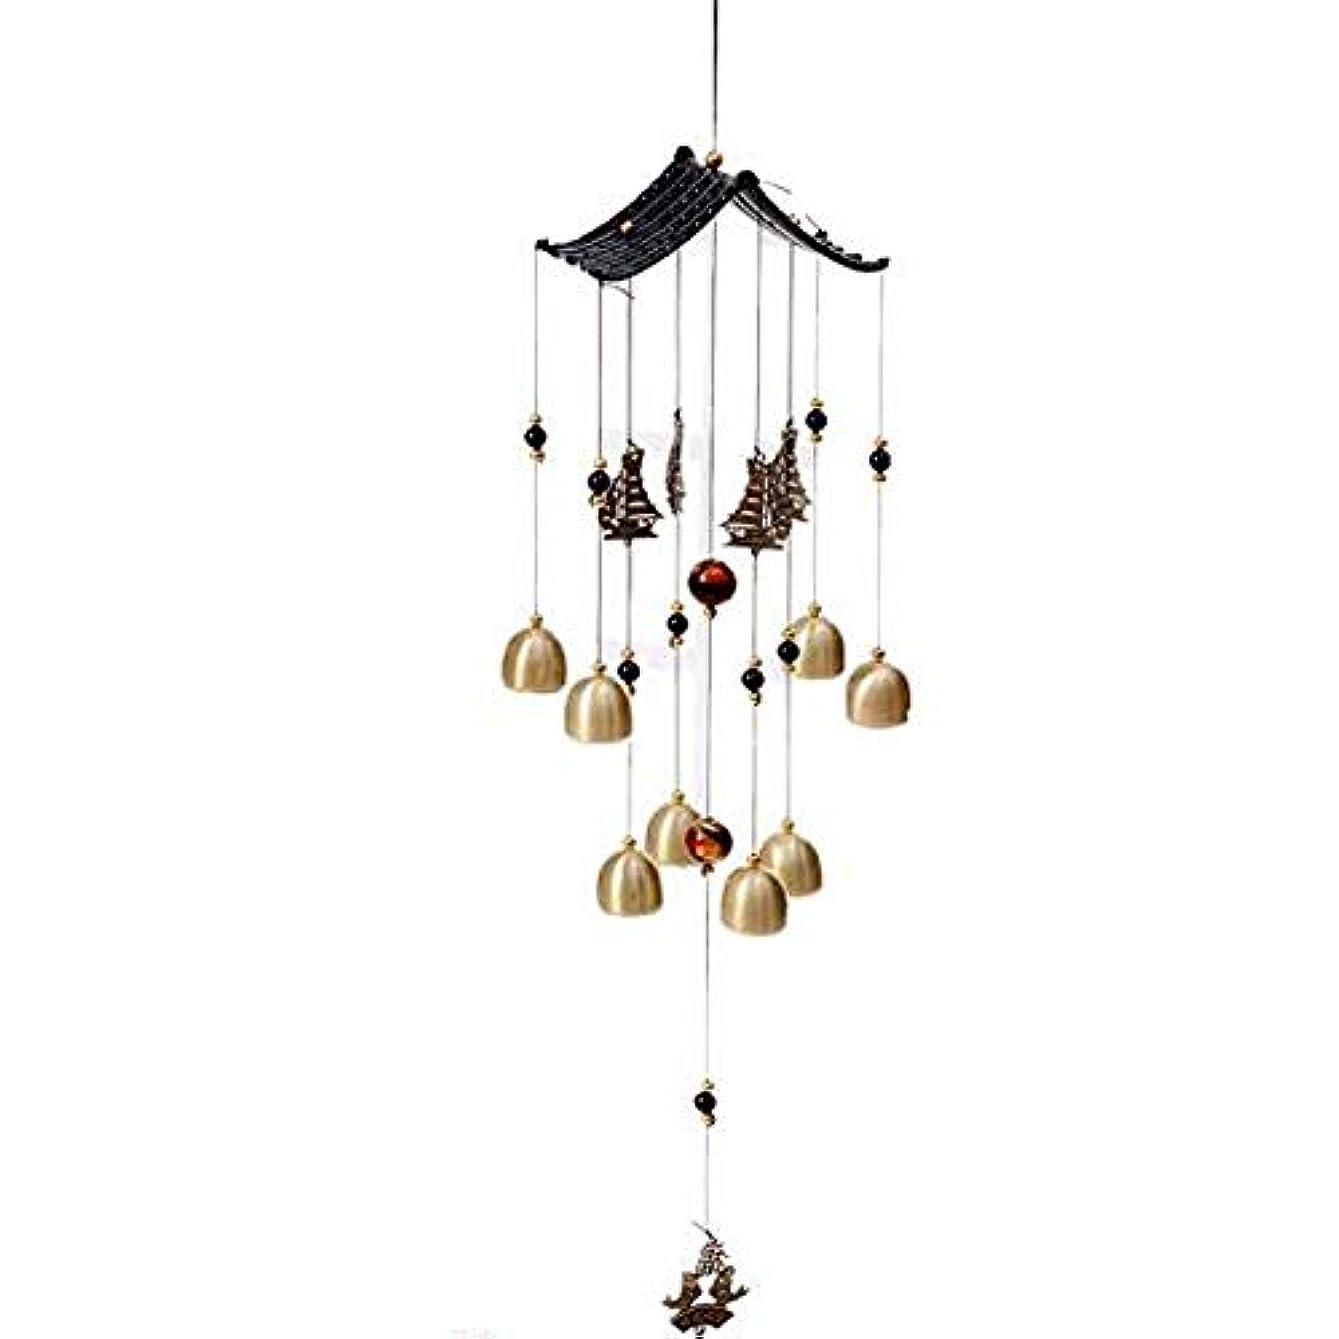 卒業たまに寺院Yougou01 風チャイム、金属銅鐘ホームデコレーション、ブラック、サイズ62 * 13CM 、創造的な装飾 (Color : Black-A)